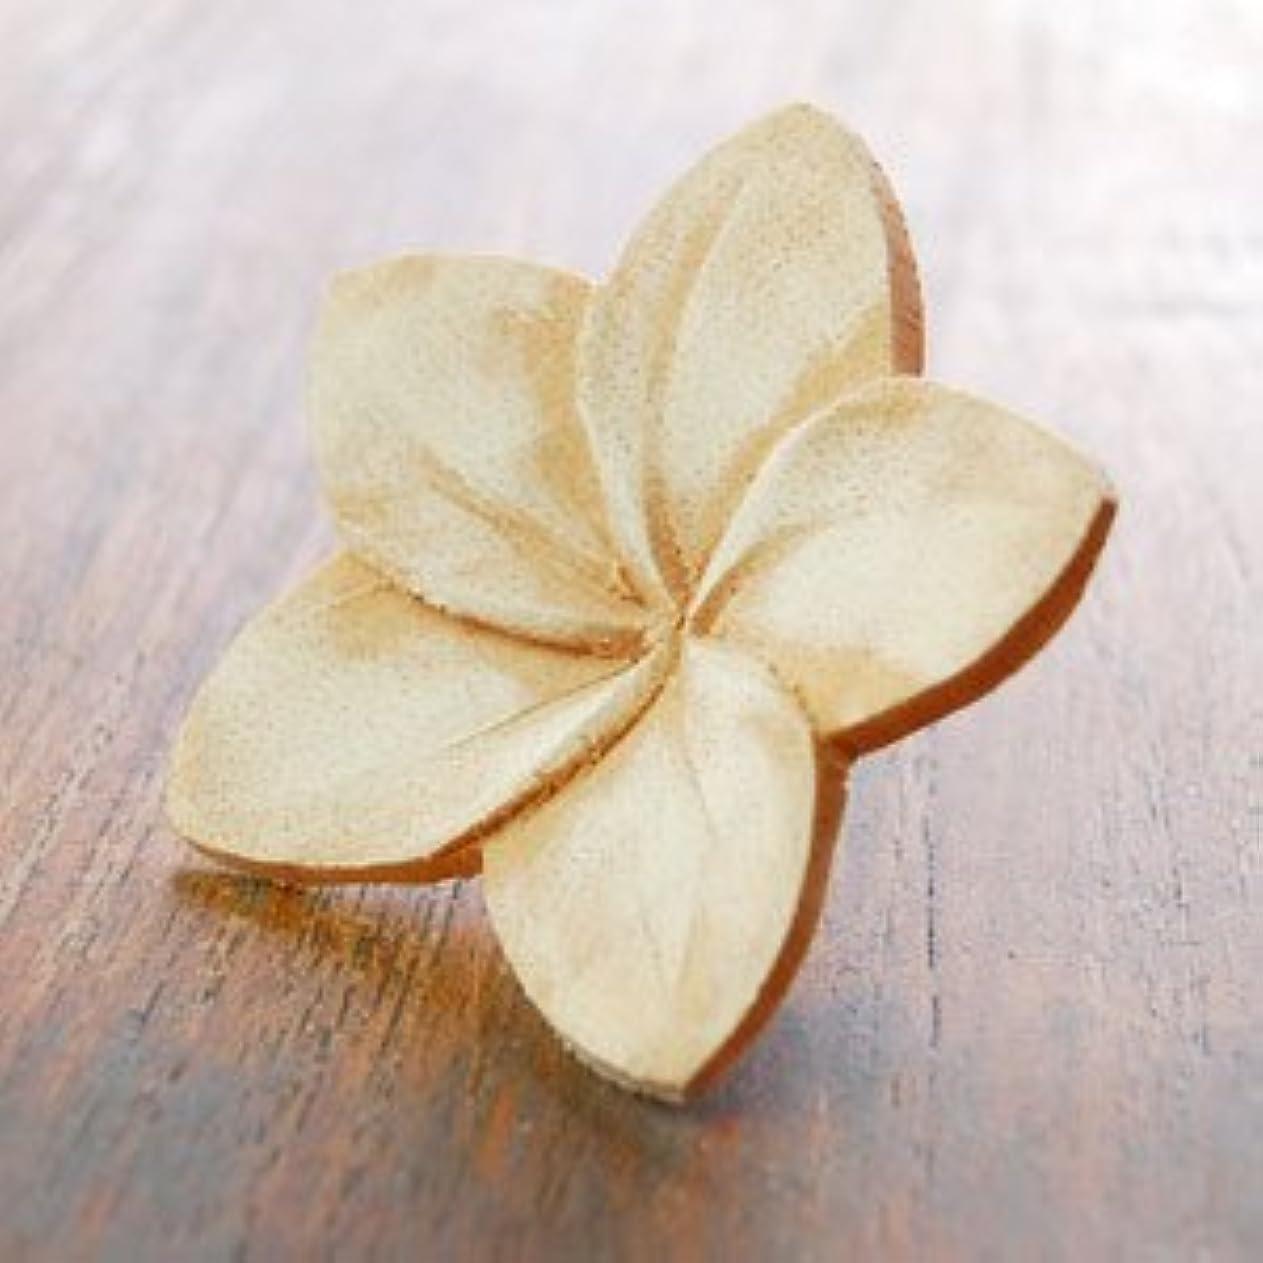 地雷原言うバッグ【アジア工房】プルメリアの花びらをモチーフにした木製アロマフラワー[Bタイプ][10892] [並行輸入品]